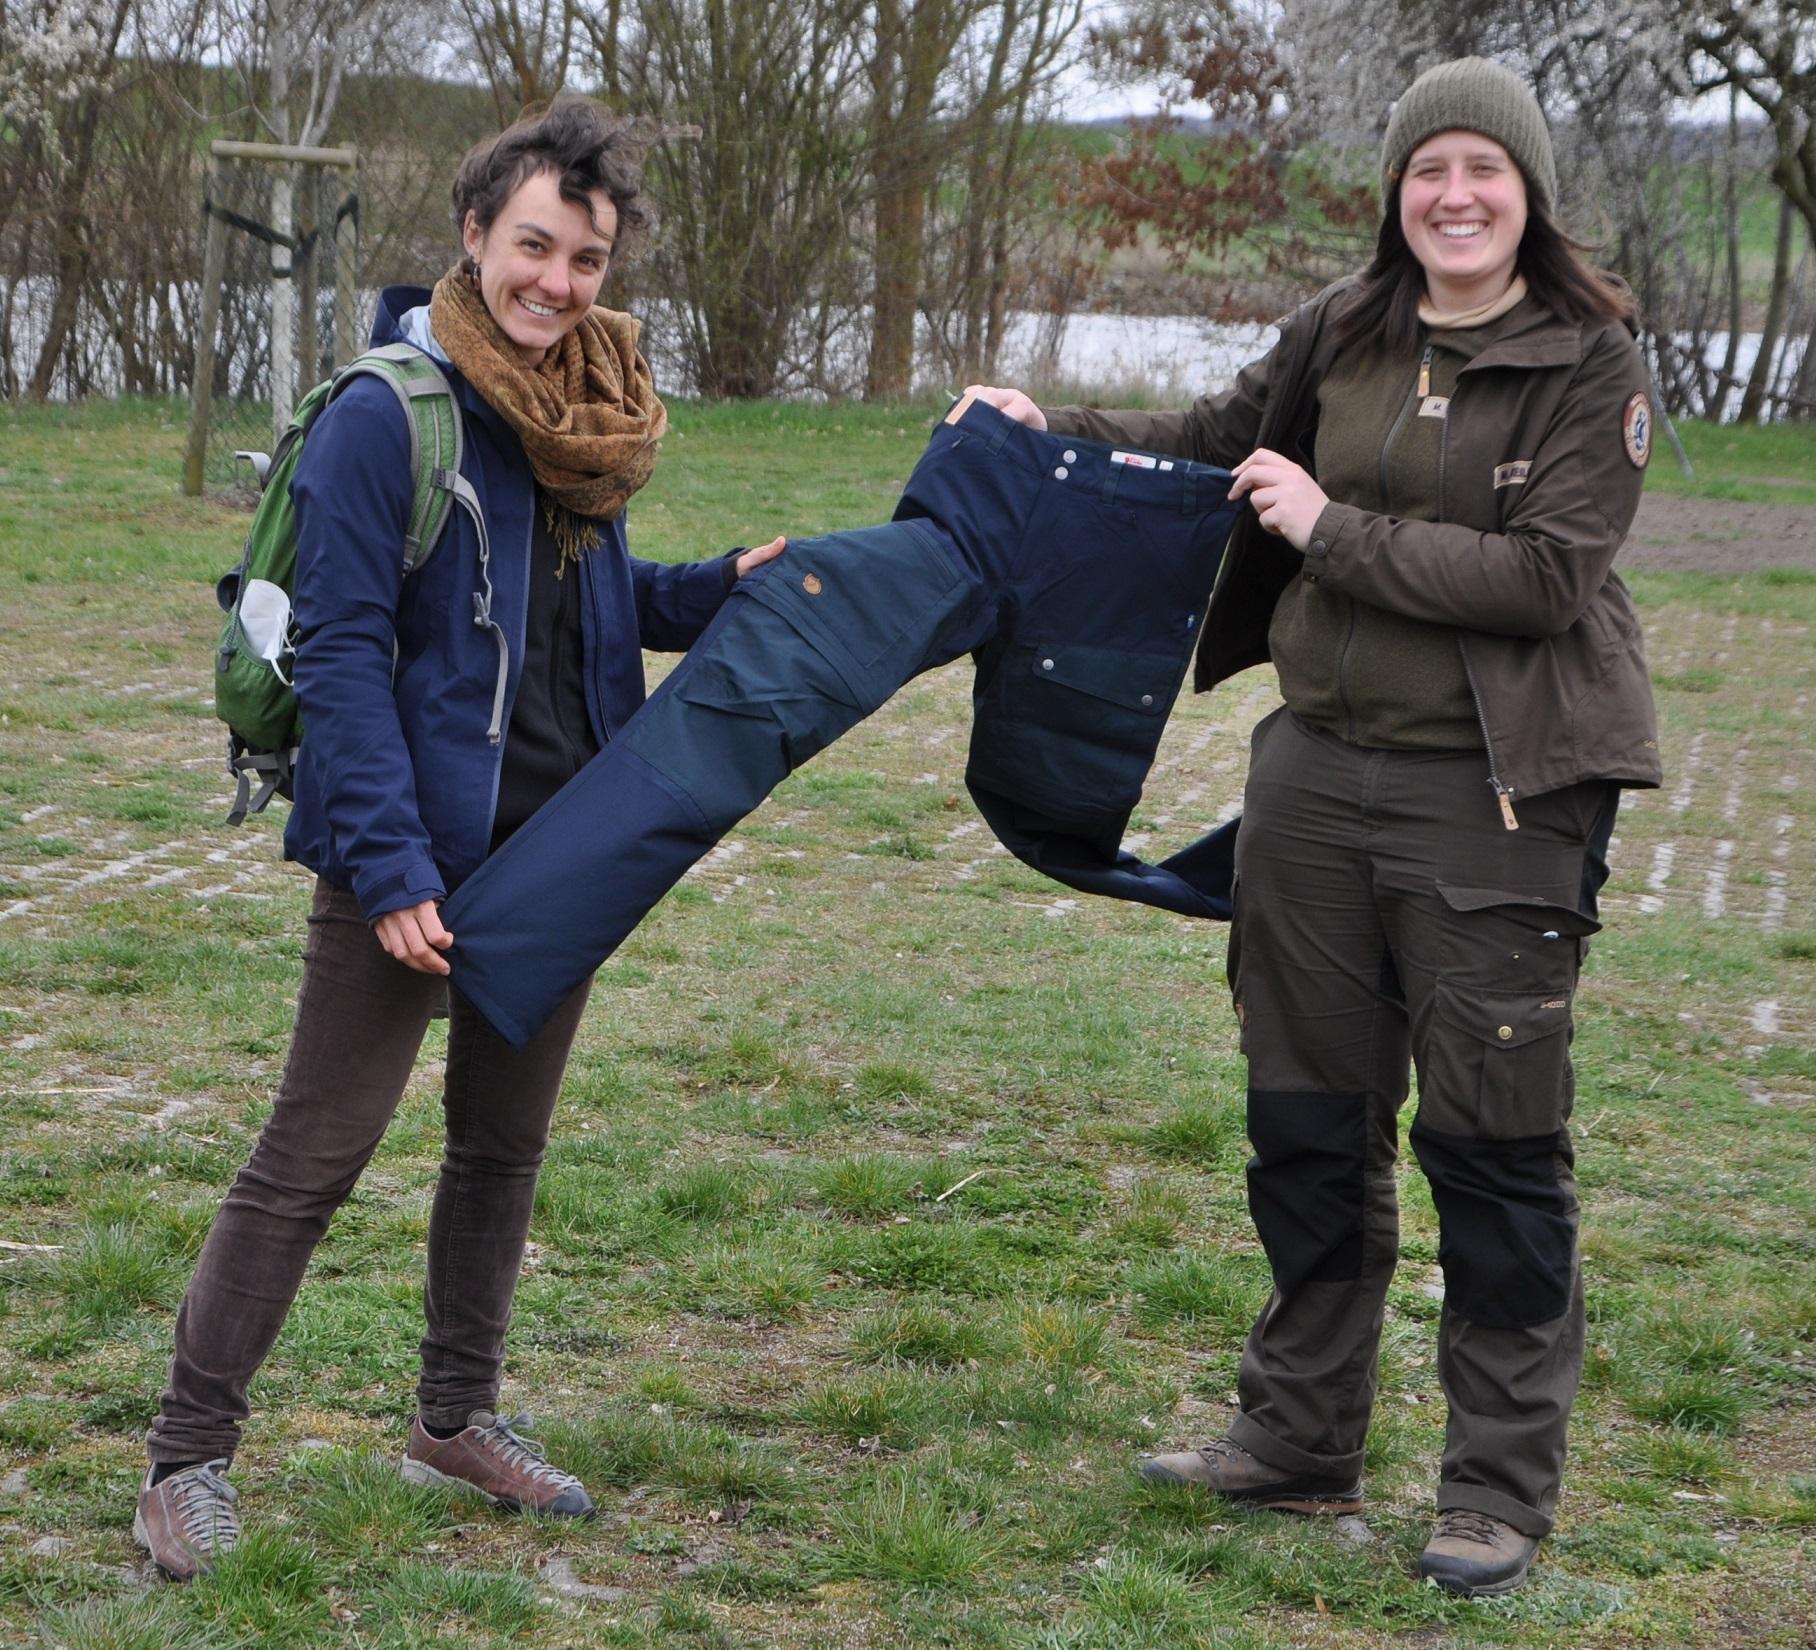 Zwei Frauen stehen auf einer Wiese mit Fluss im Hintergrund und halten zwischen sich eine blaue Hose.